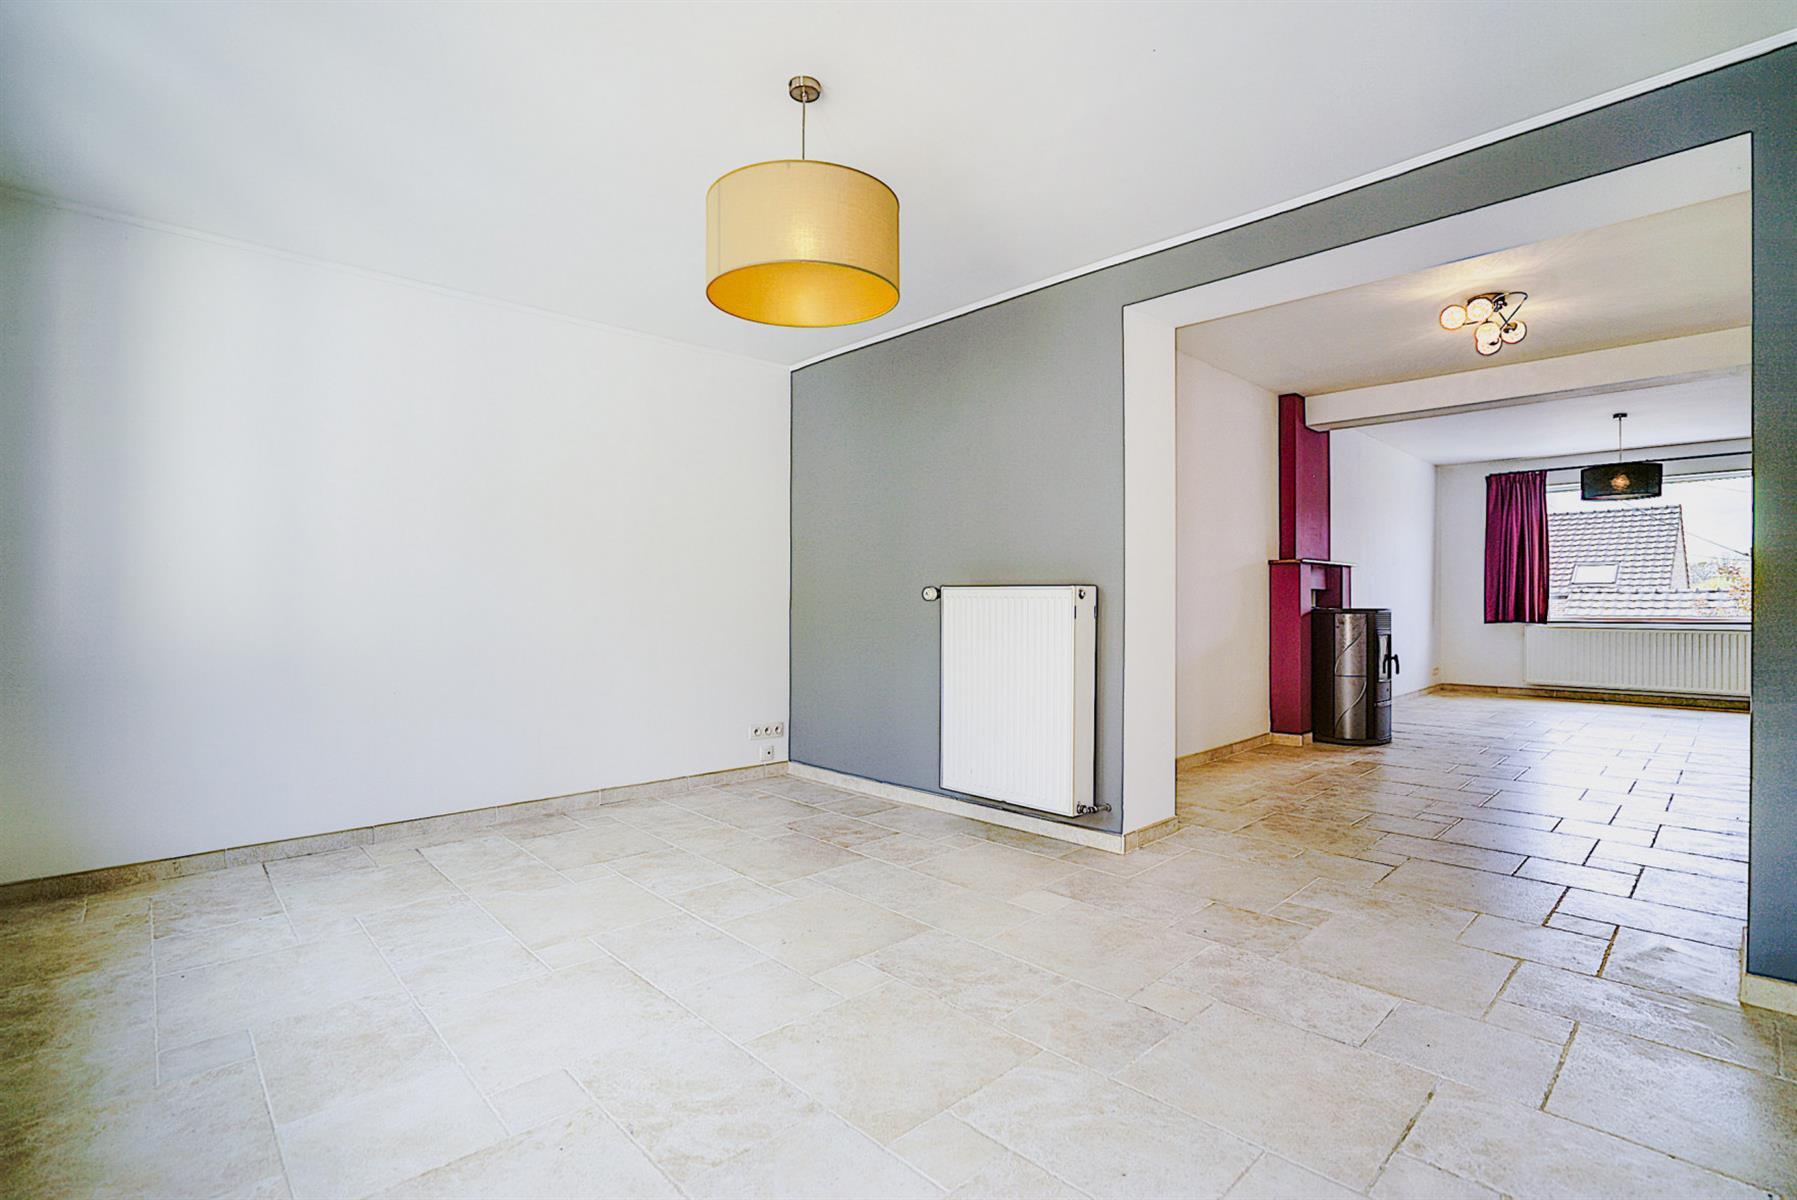 Maison - Mont-saint-guibert - #4326109-3